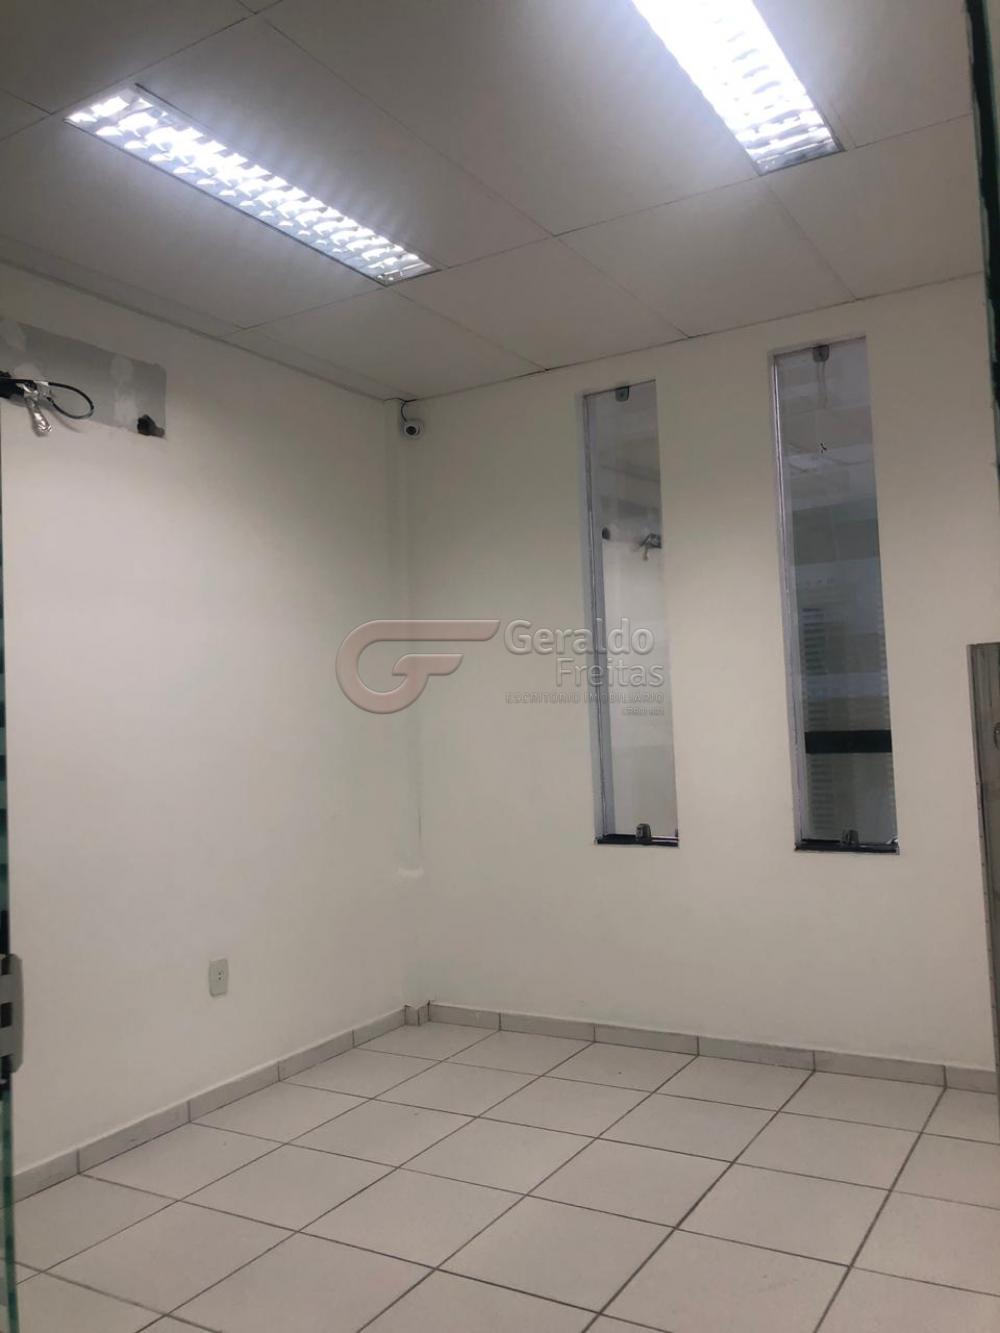 Alugar Comerciais / Prédio em Maceió apenas R$ 20.000,00 - Foto 27